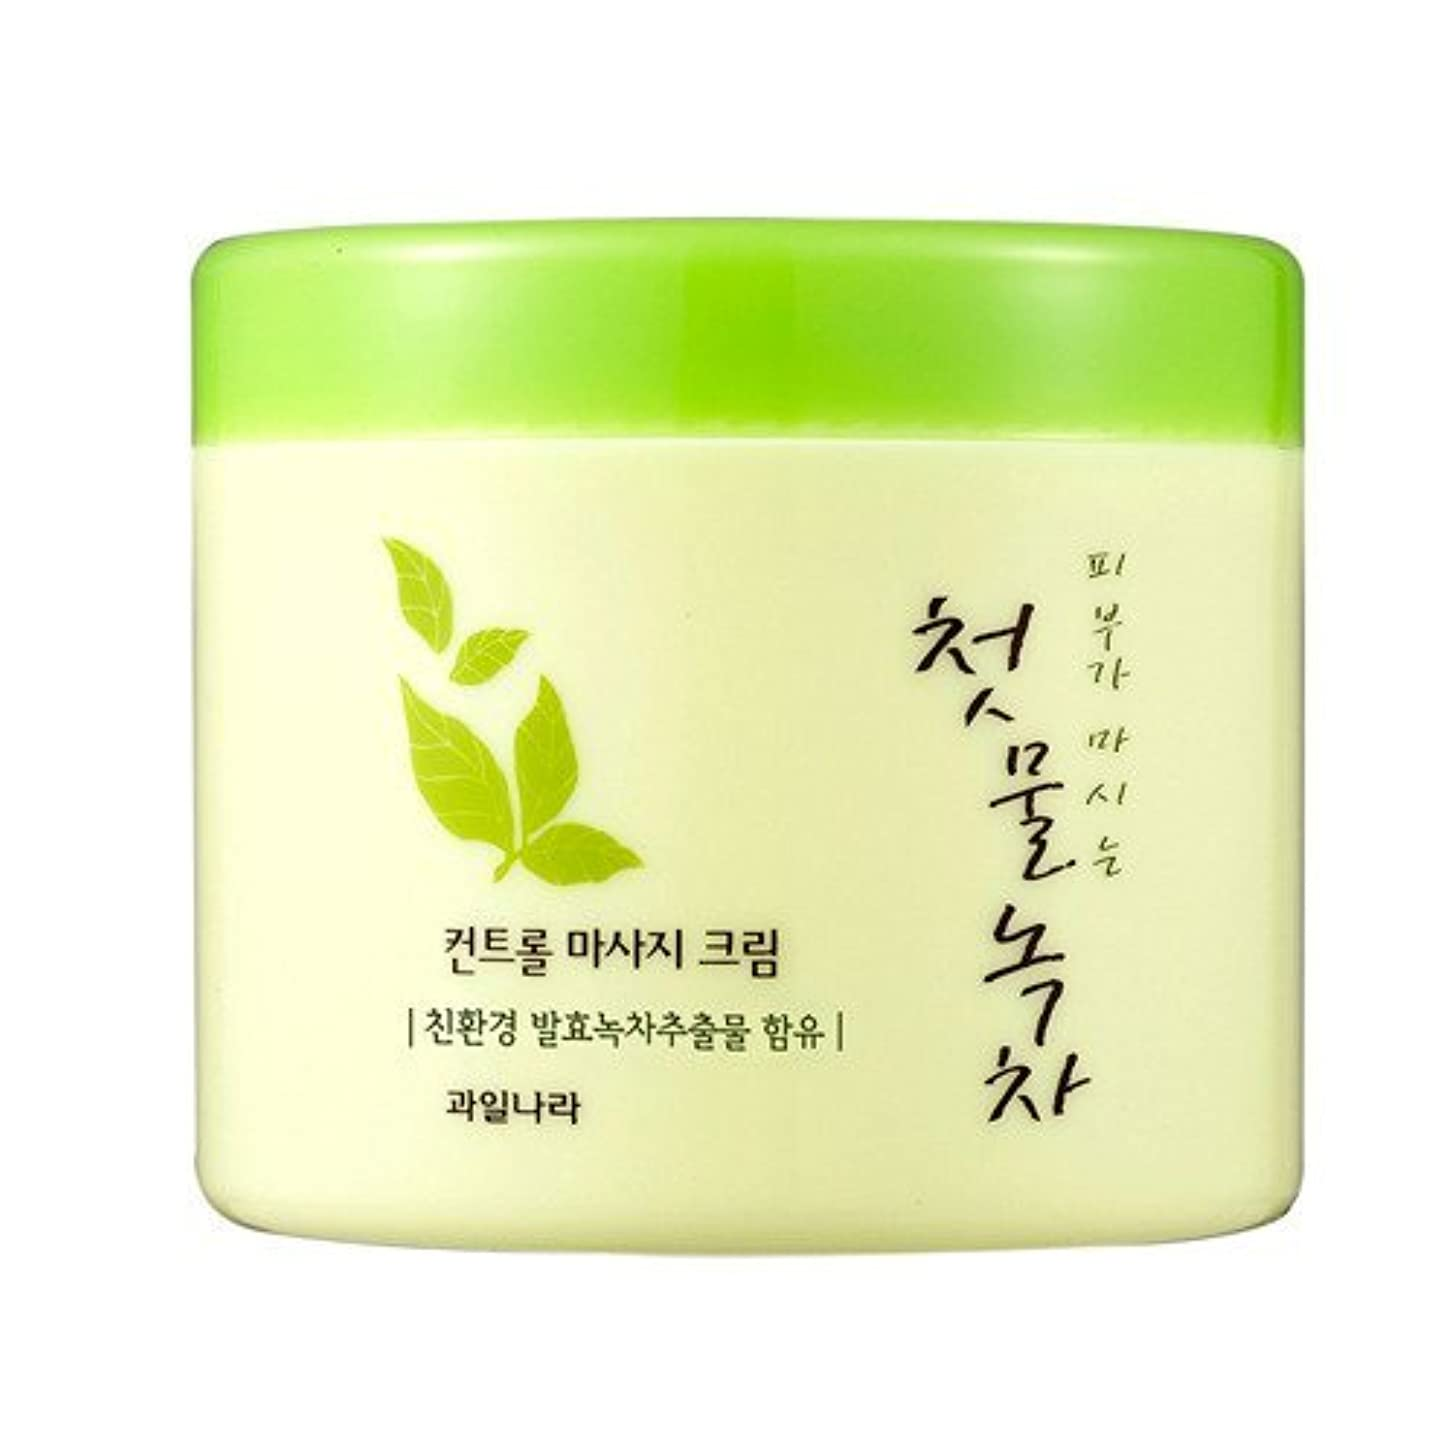 ドロップフラップラフ睡眠welcos[ウェルコス] コントロールマッサージクリーム300ml/First Green Tea Control Massage Cream 300ml [並行輸入品]